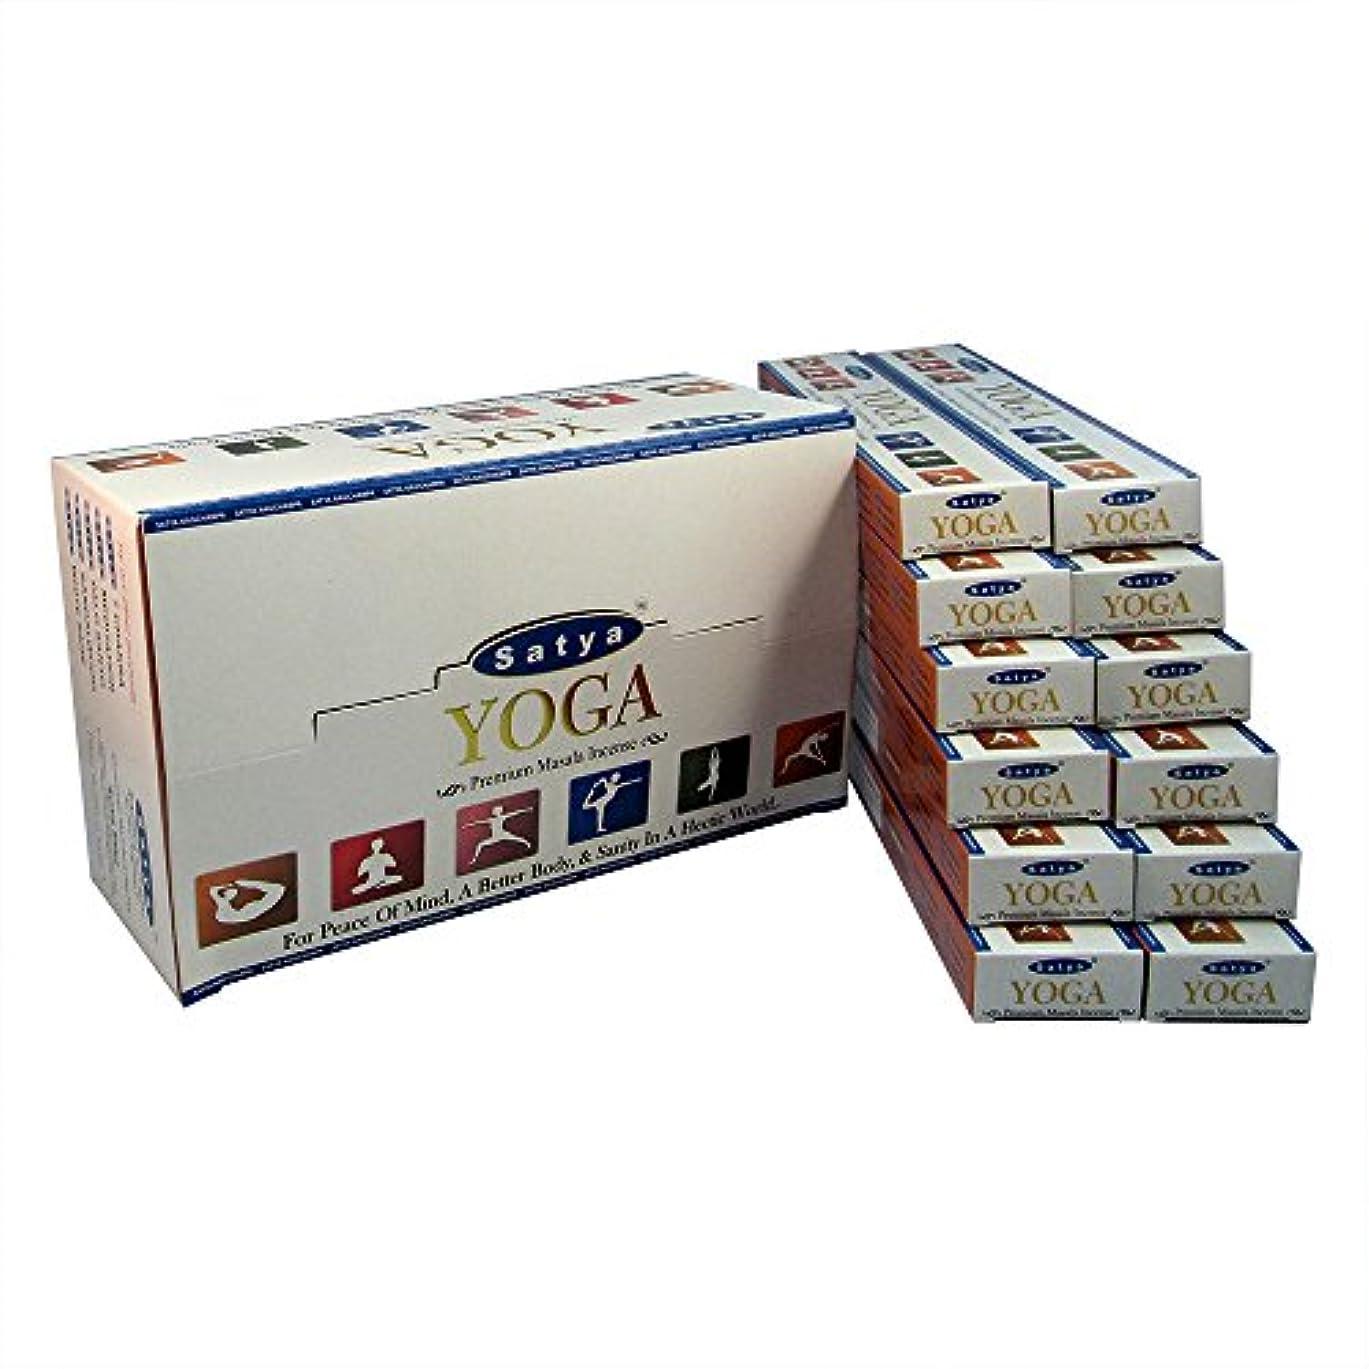 Satya プレミアム ヨガ お香スティック アガーバッティ 180グラム ボックス 各15グラム 1箱12パック プレミアム品質